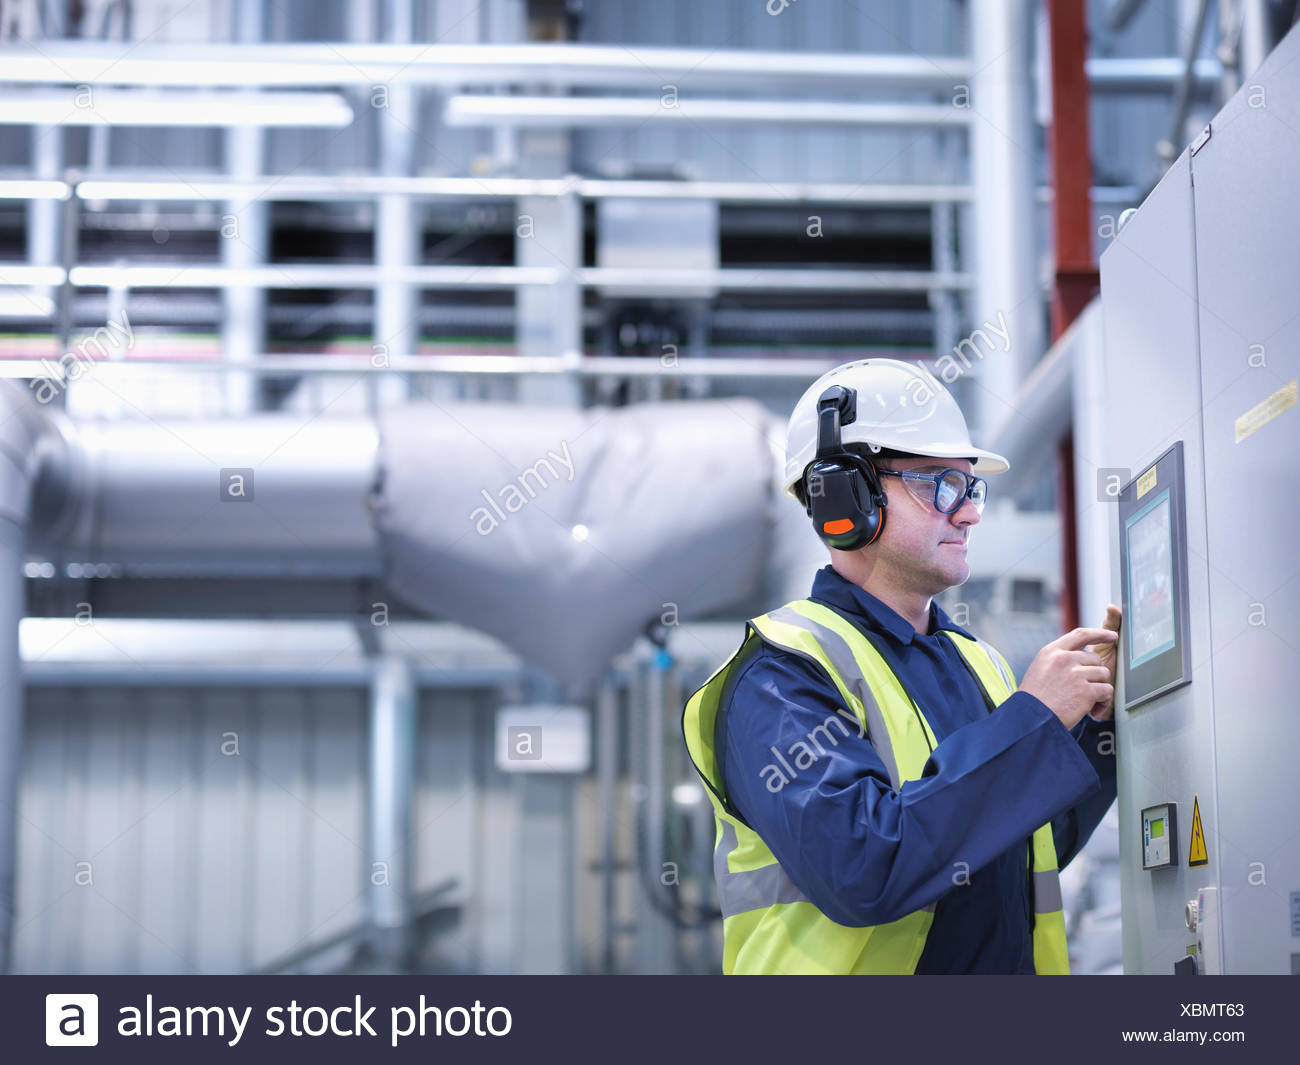 Trabajador por medio de controles con pantalla táctil en la central eléctrica alimentada con gas Imagen De Stock